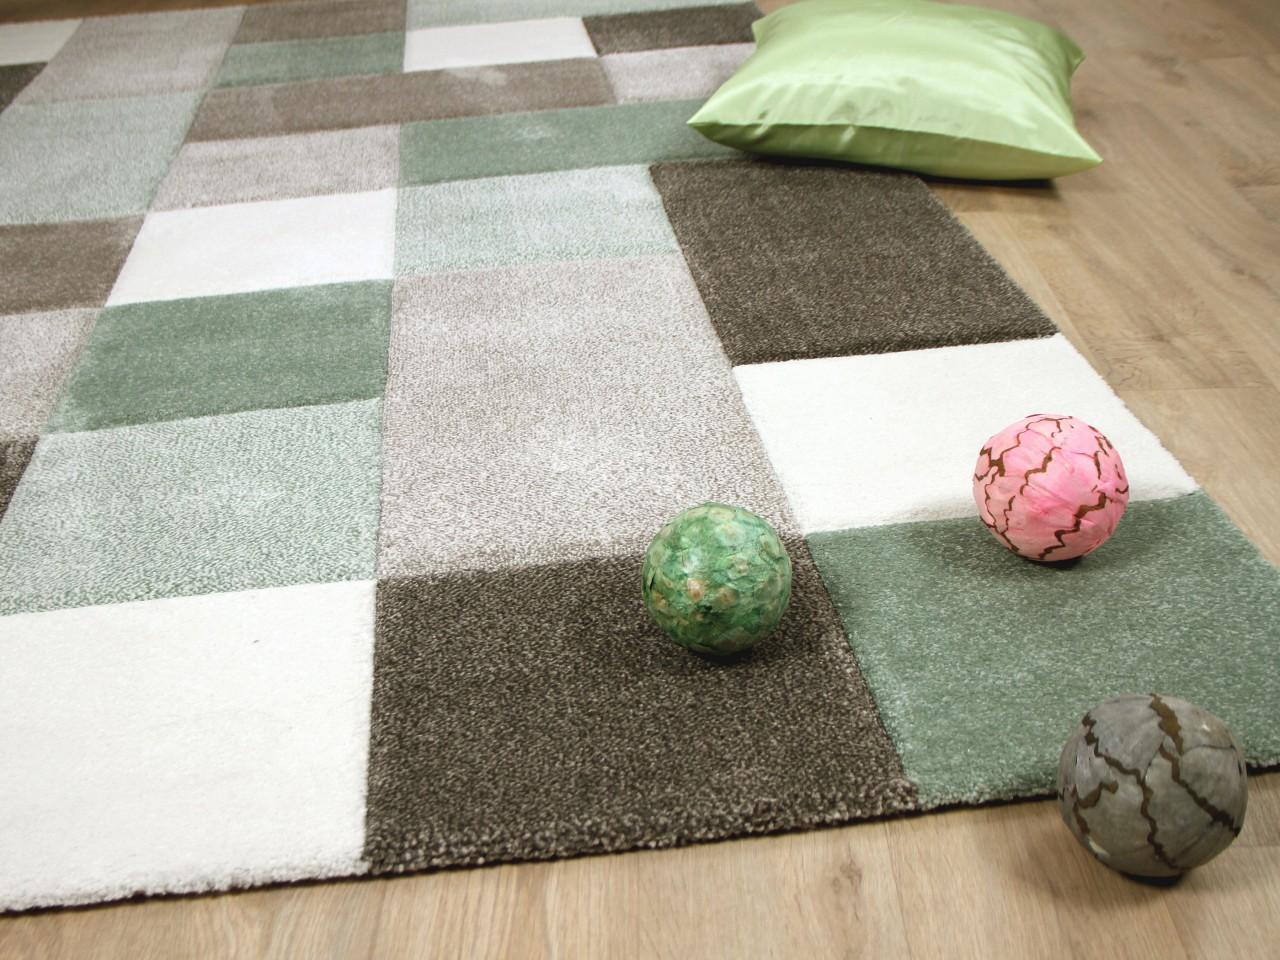 Hochflor teppich grau patchwork langflor grün modern heatset